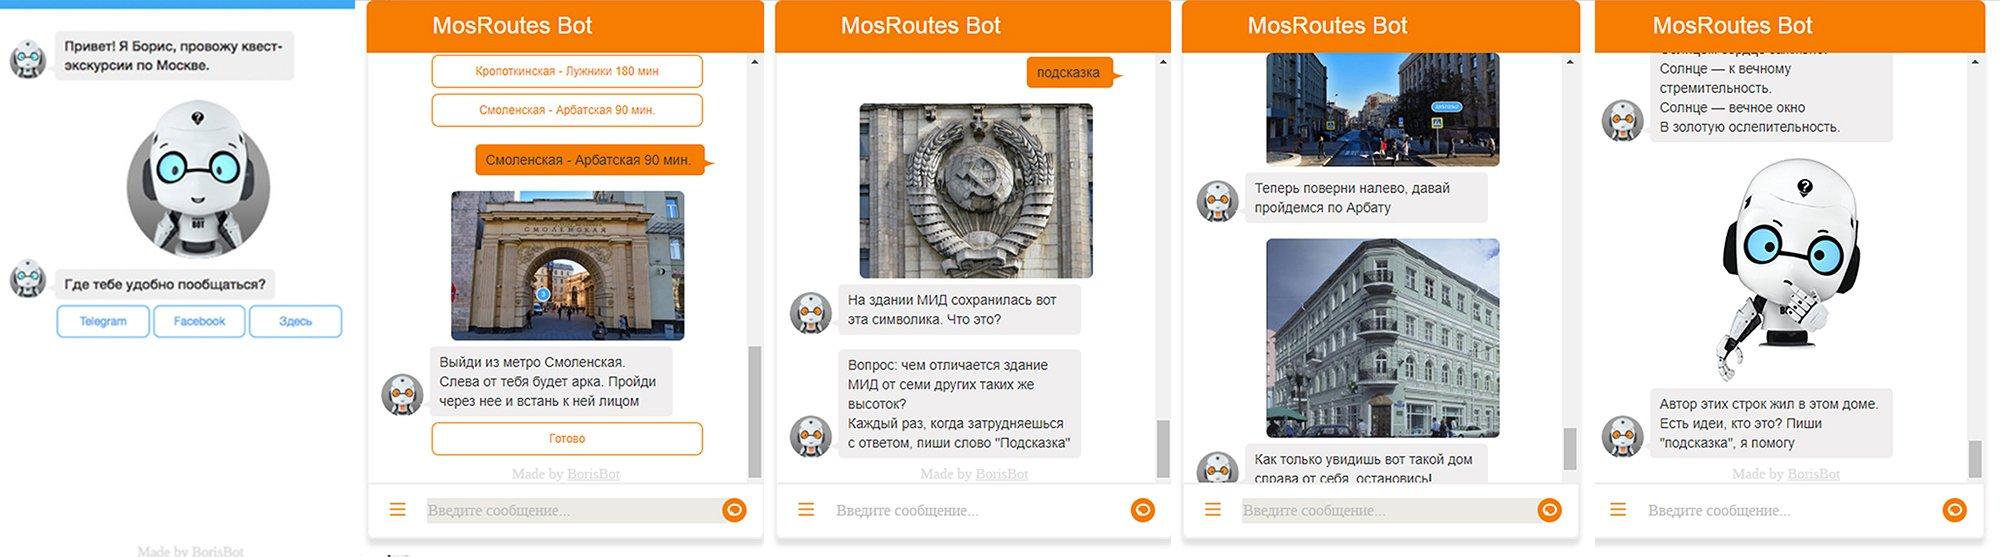 Виртуальный экскурсовод Мосгортура начал проводить экскурсии по Москве